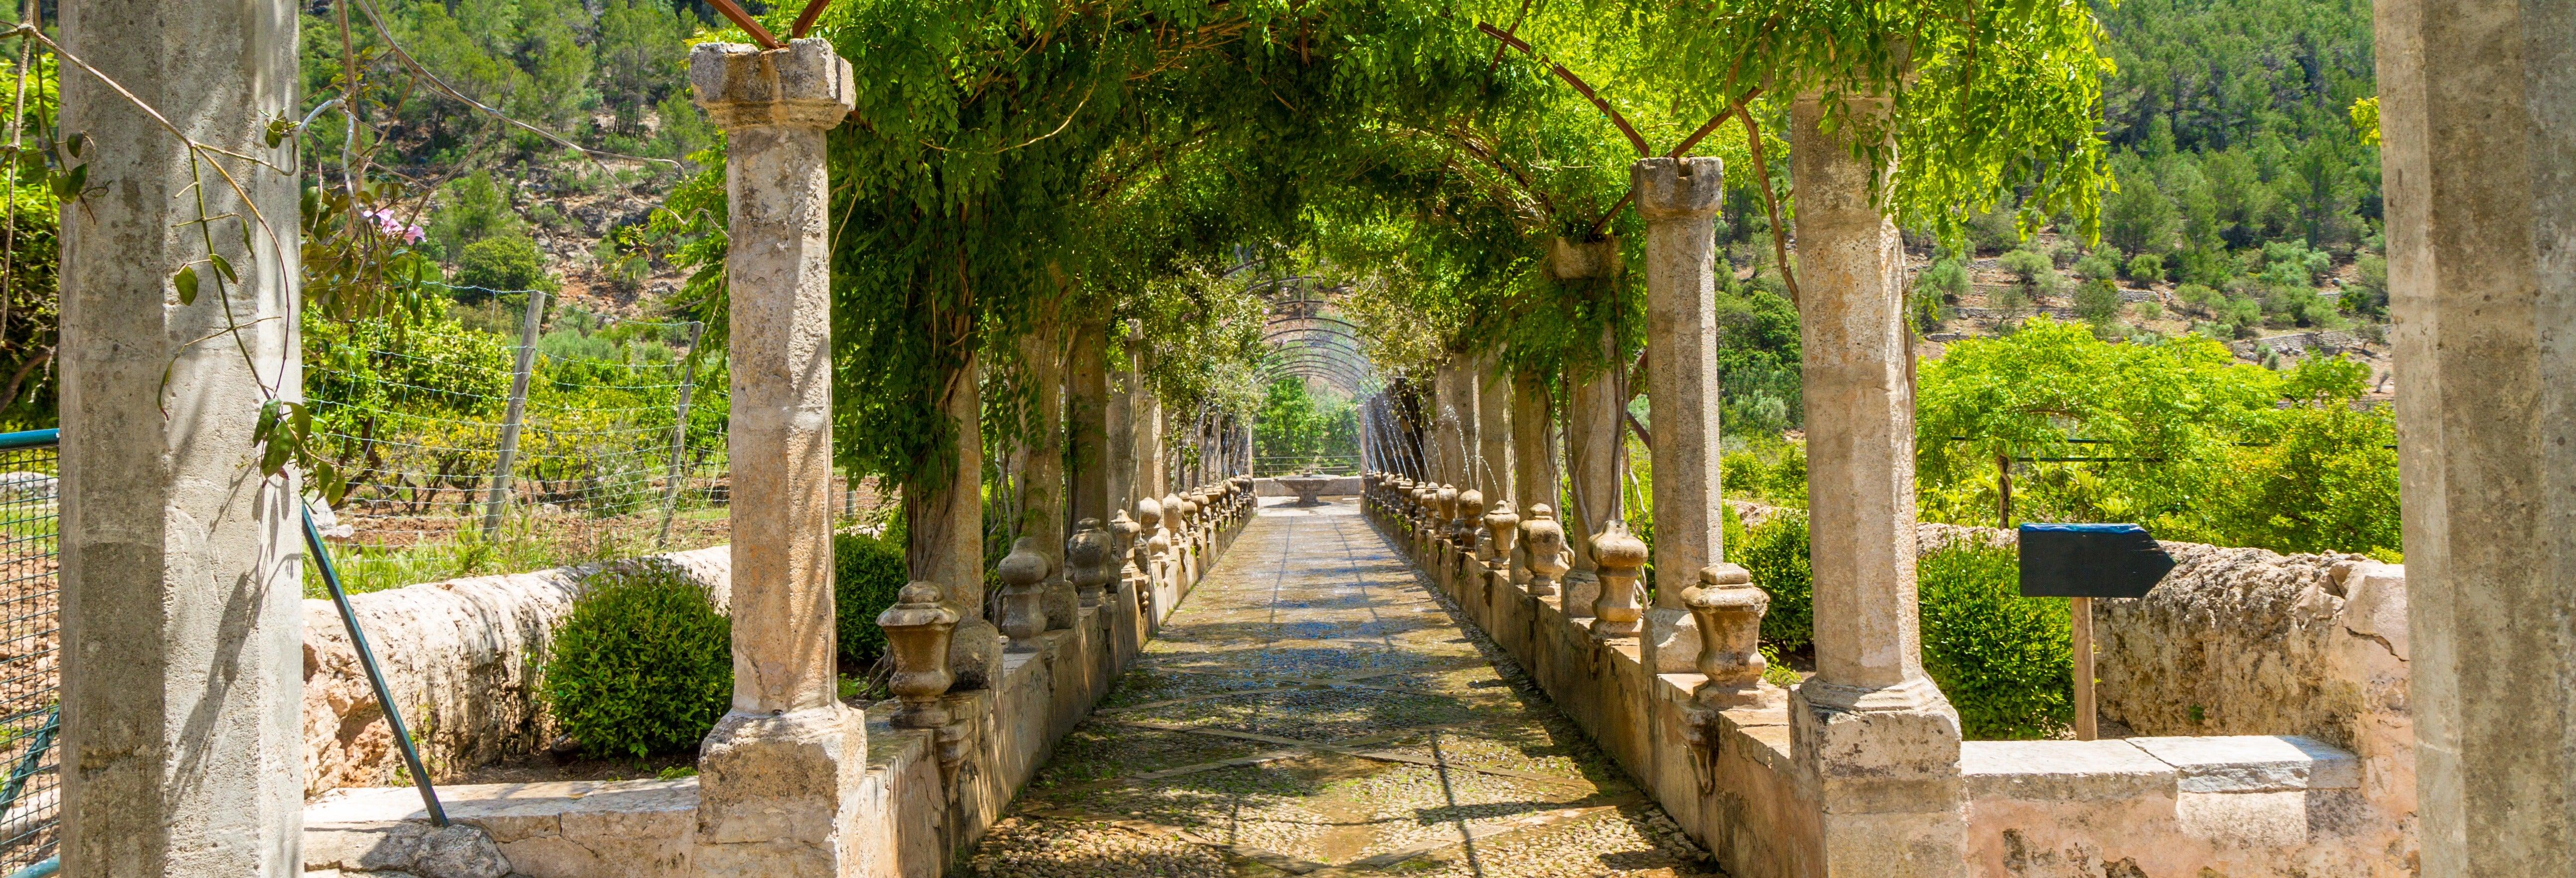 Excursión a los Jardines de Alfabia desde Palma